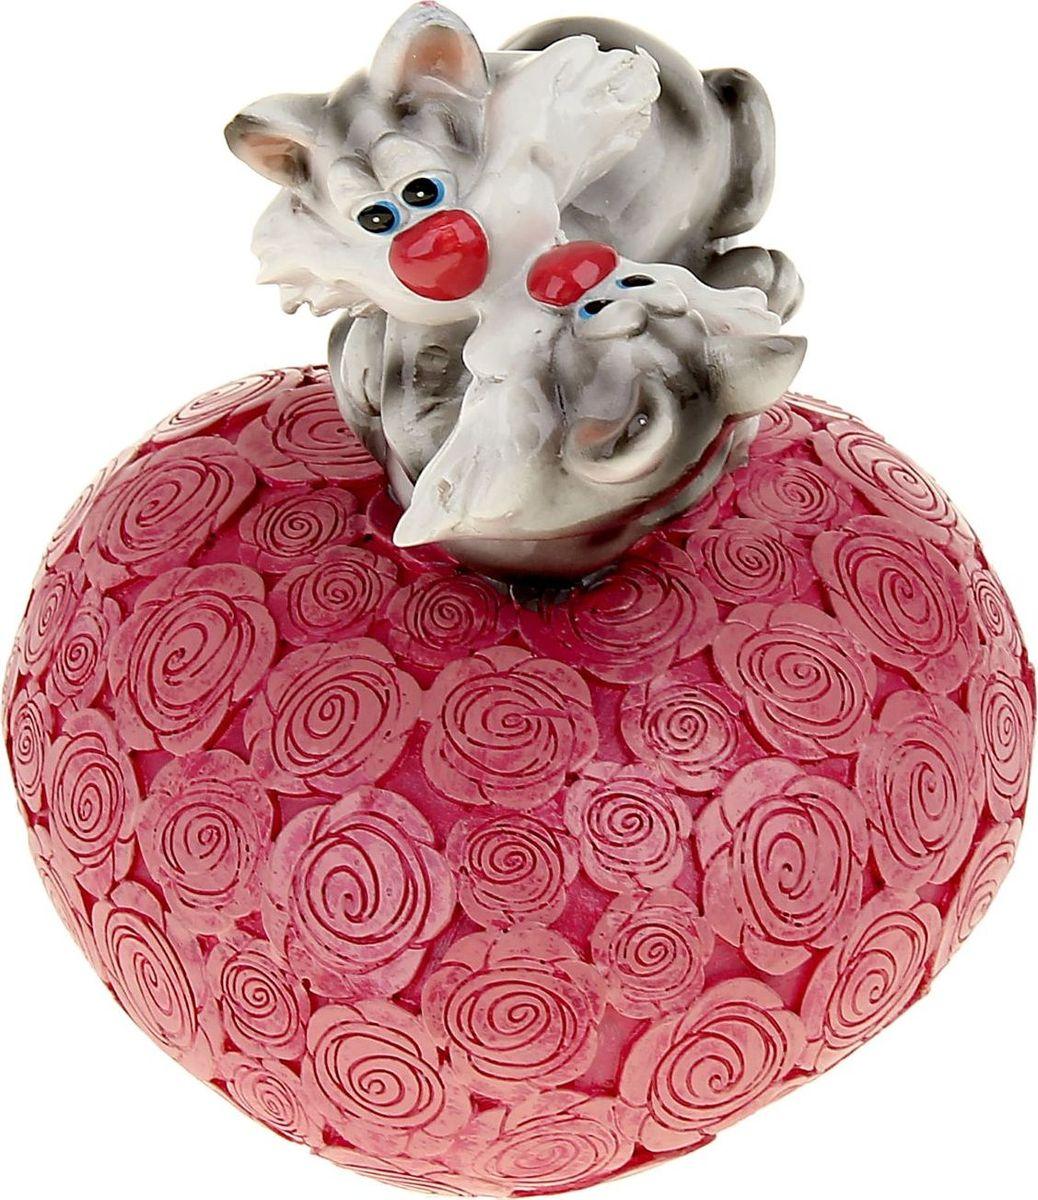 Копилка Поцелуйчик. Котята на сердце, 11,8 х 11 х 15,5 см1052382Копилка — универсальный вариант подарка любому человеку, ведь каждый из нас мечтает о какой-то дорогостоящей вещи и откладывает или собирается откладывать деньги на её приобретение. Вместительная копилка станет прекрасным хранителем сбережений и украшением интерьера. Она выглядит так ярко и эффектно, что проходя мимо, обязательно захочется забросить пару монет.Копилка является многоразовой, что позволит вам воспользоваться накопленными деньгами в любой момент.